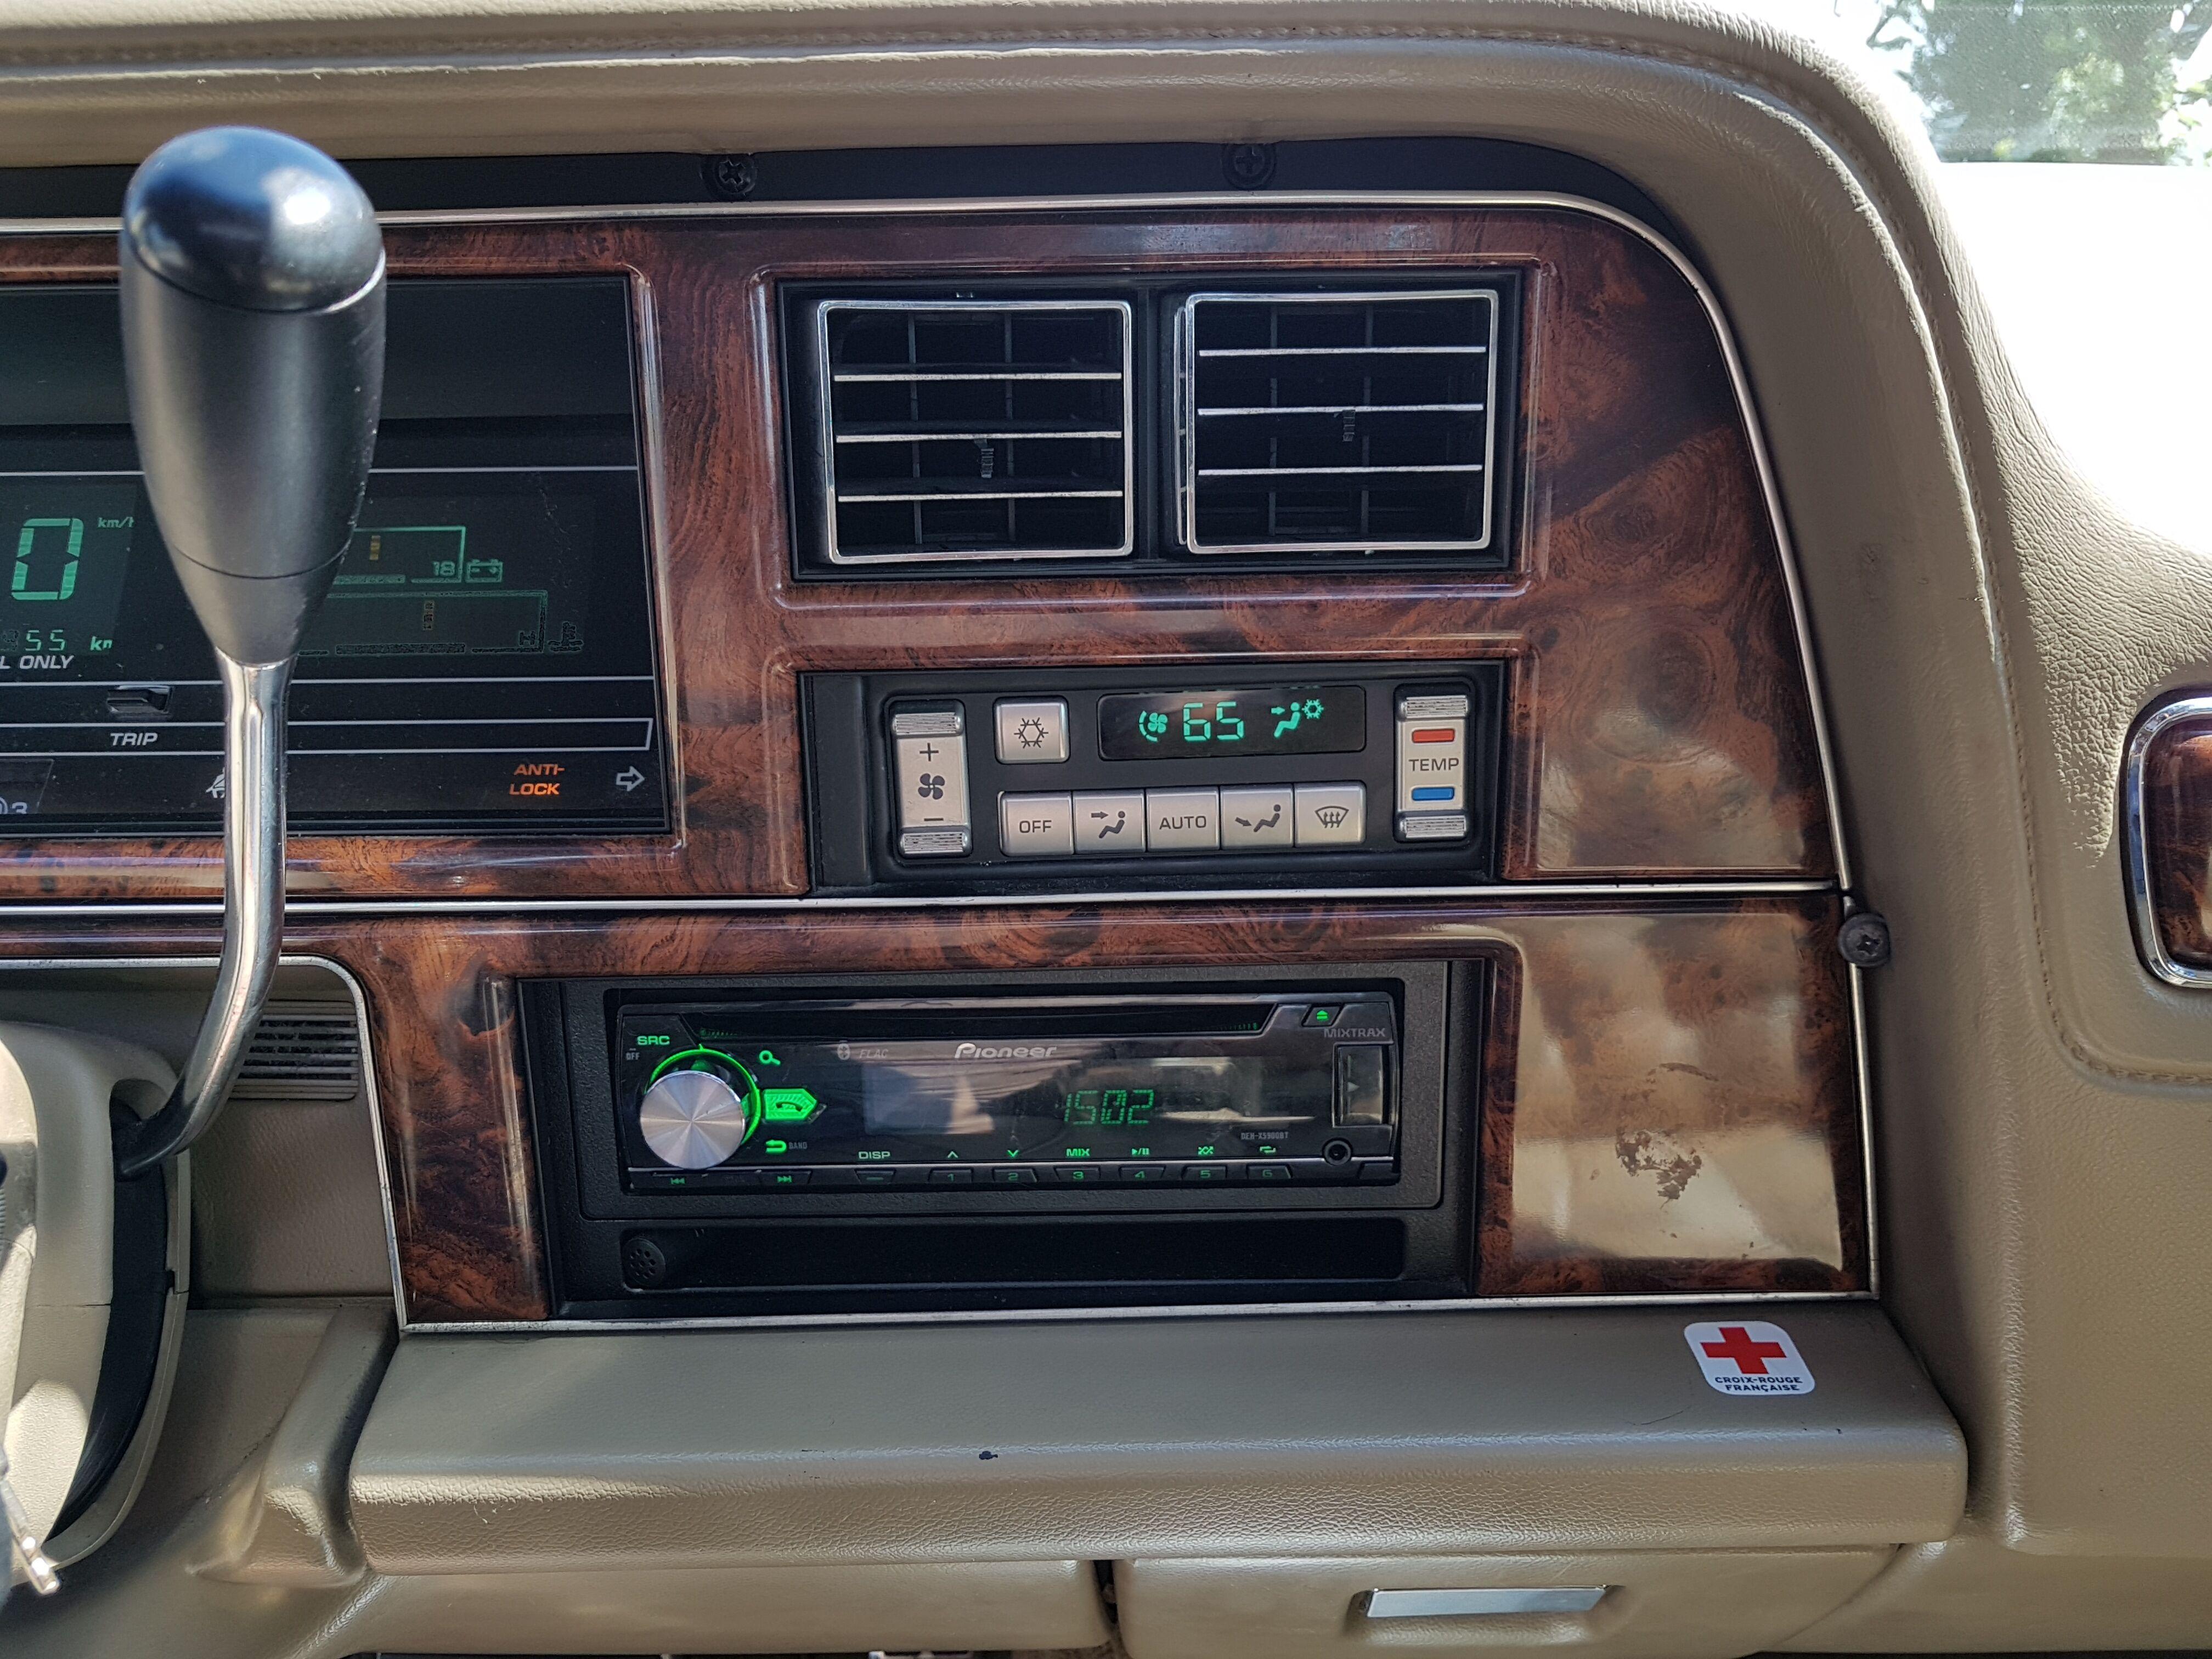 Chrysler New Yorker 7/11